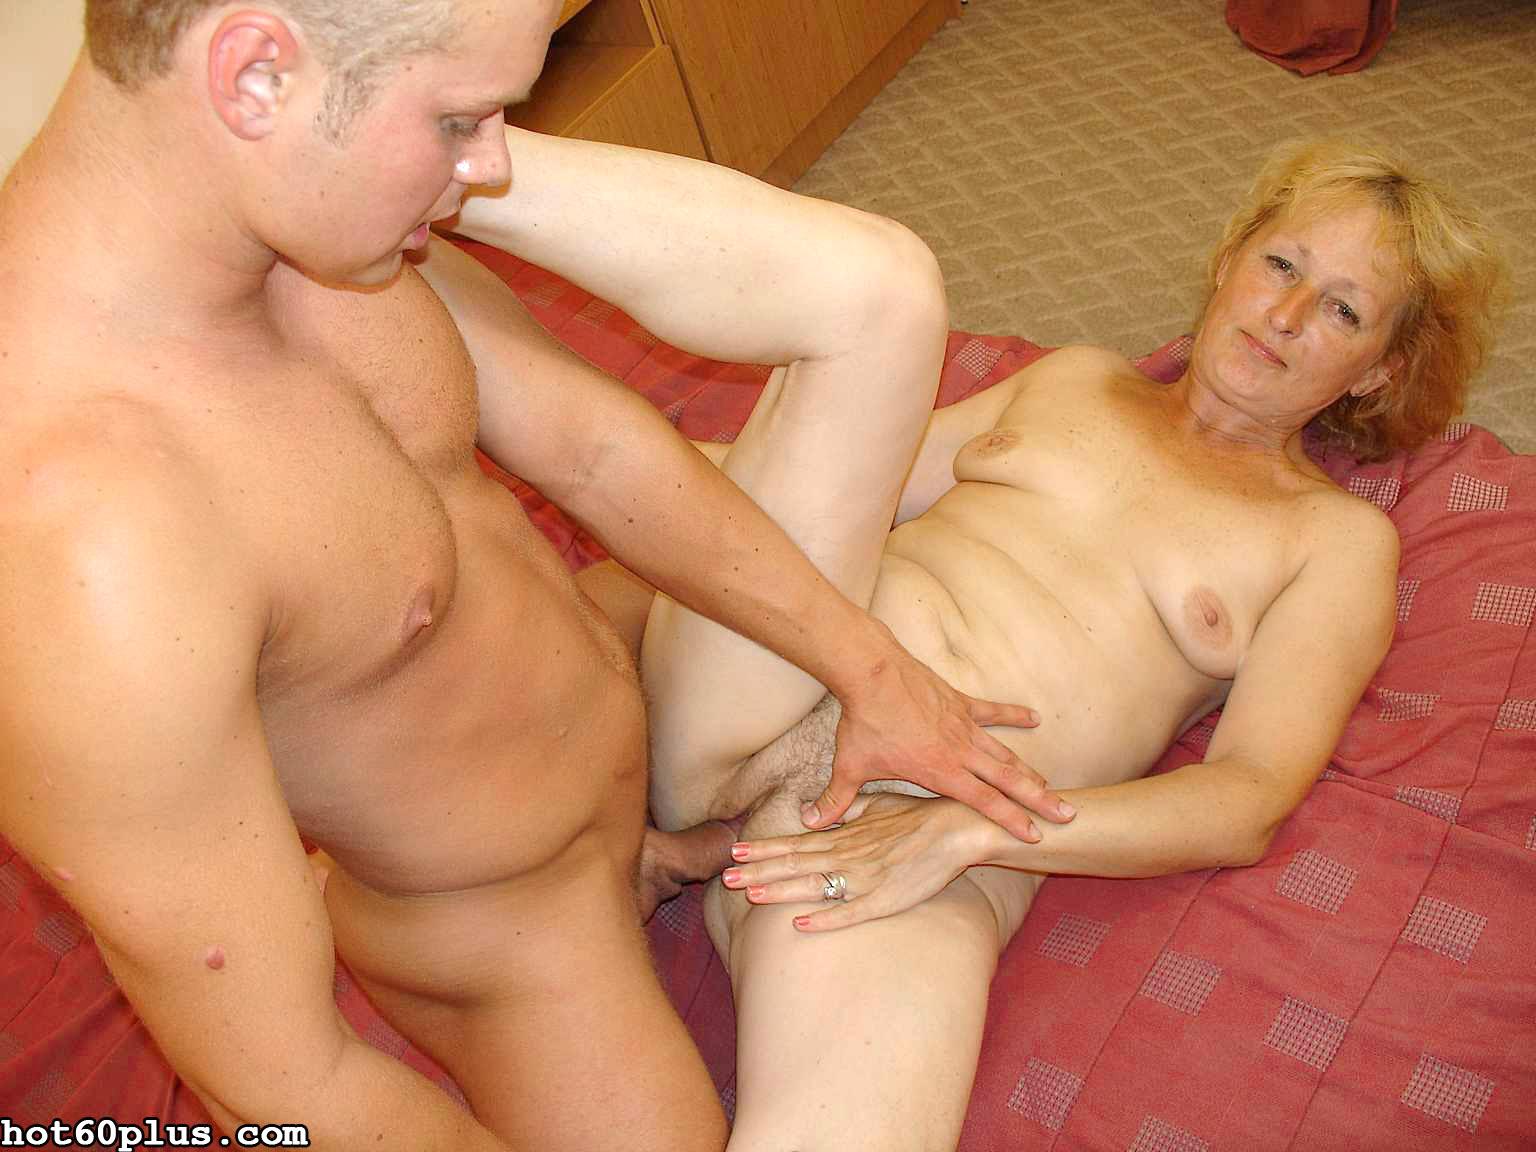 Снимки про инцест с матушкой. Фото - 6